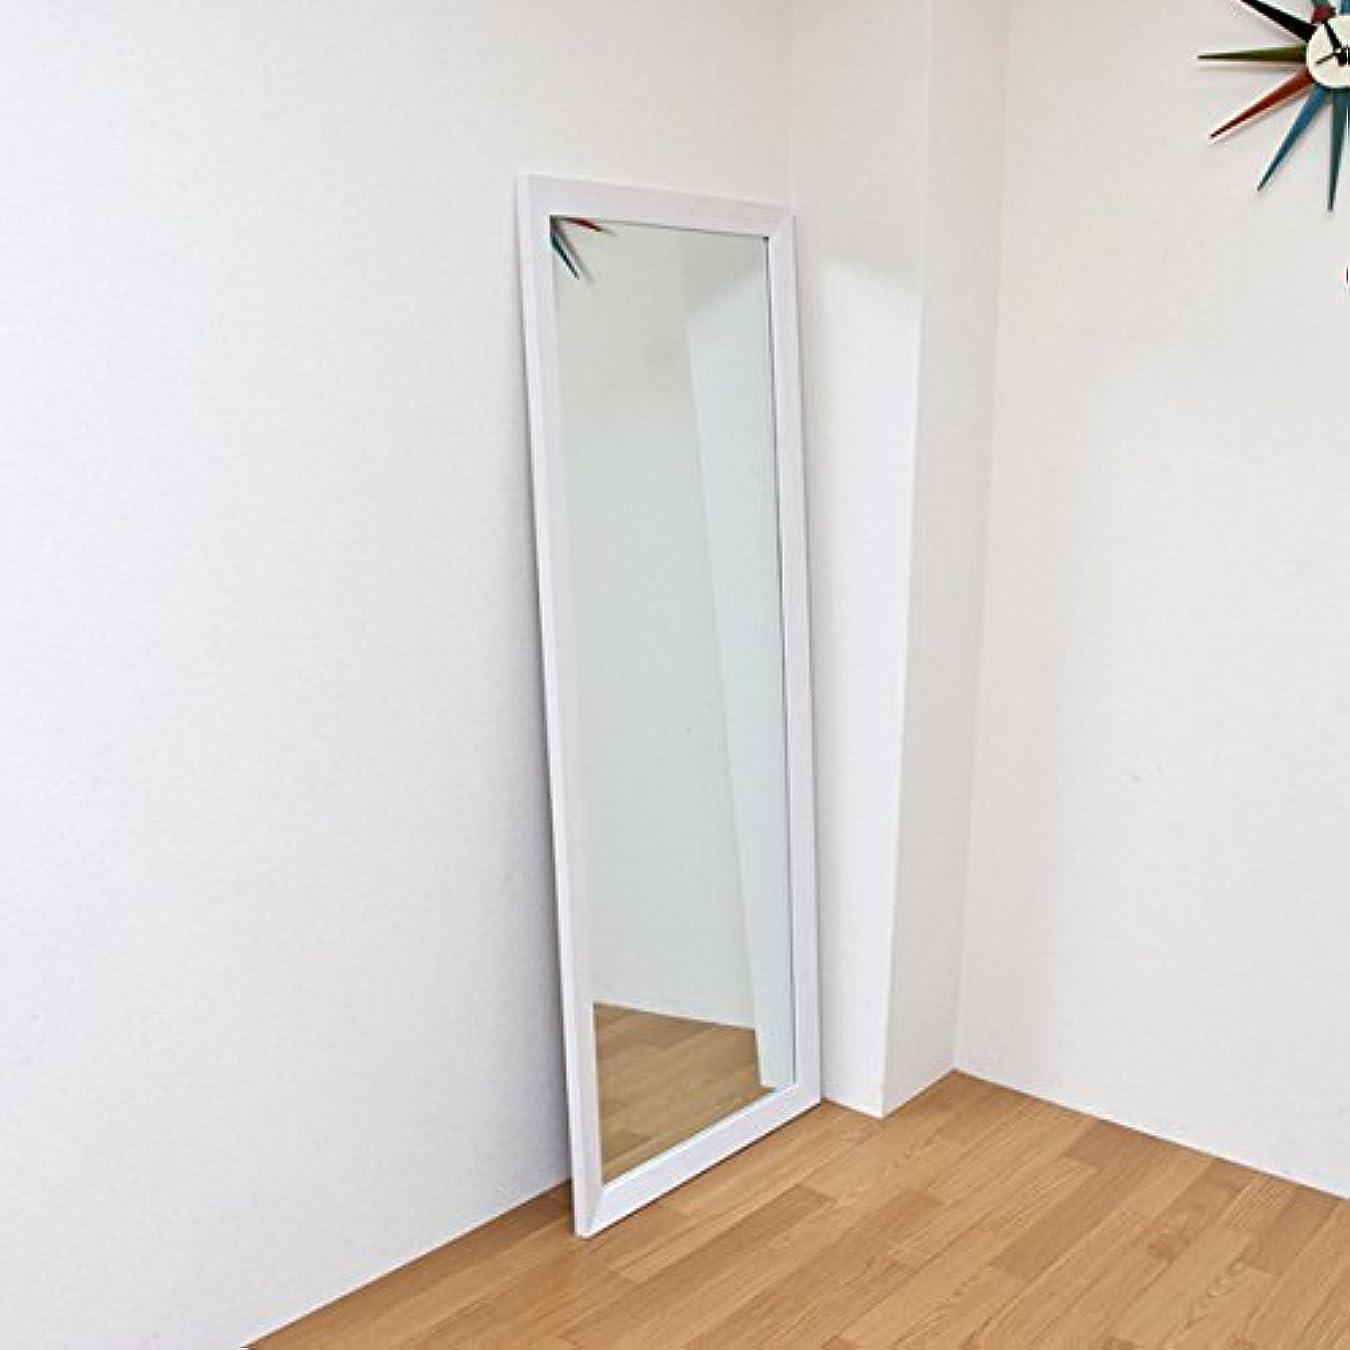 ジャンボミラー 立て掛けタイプ 幅66cm×高さ166cm[ホワイト?白]/転倒防止金具付属 大きい鏡 大型姿見